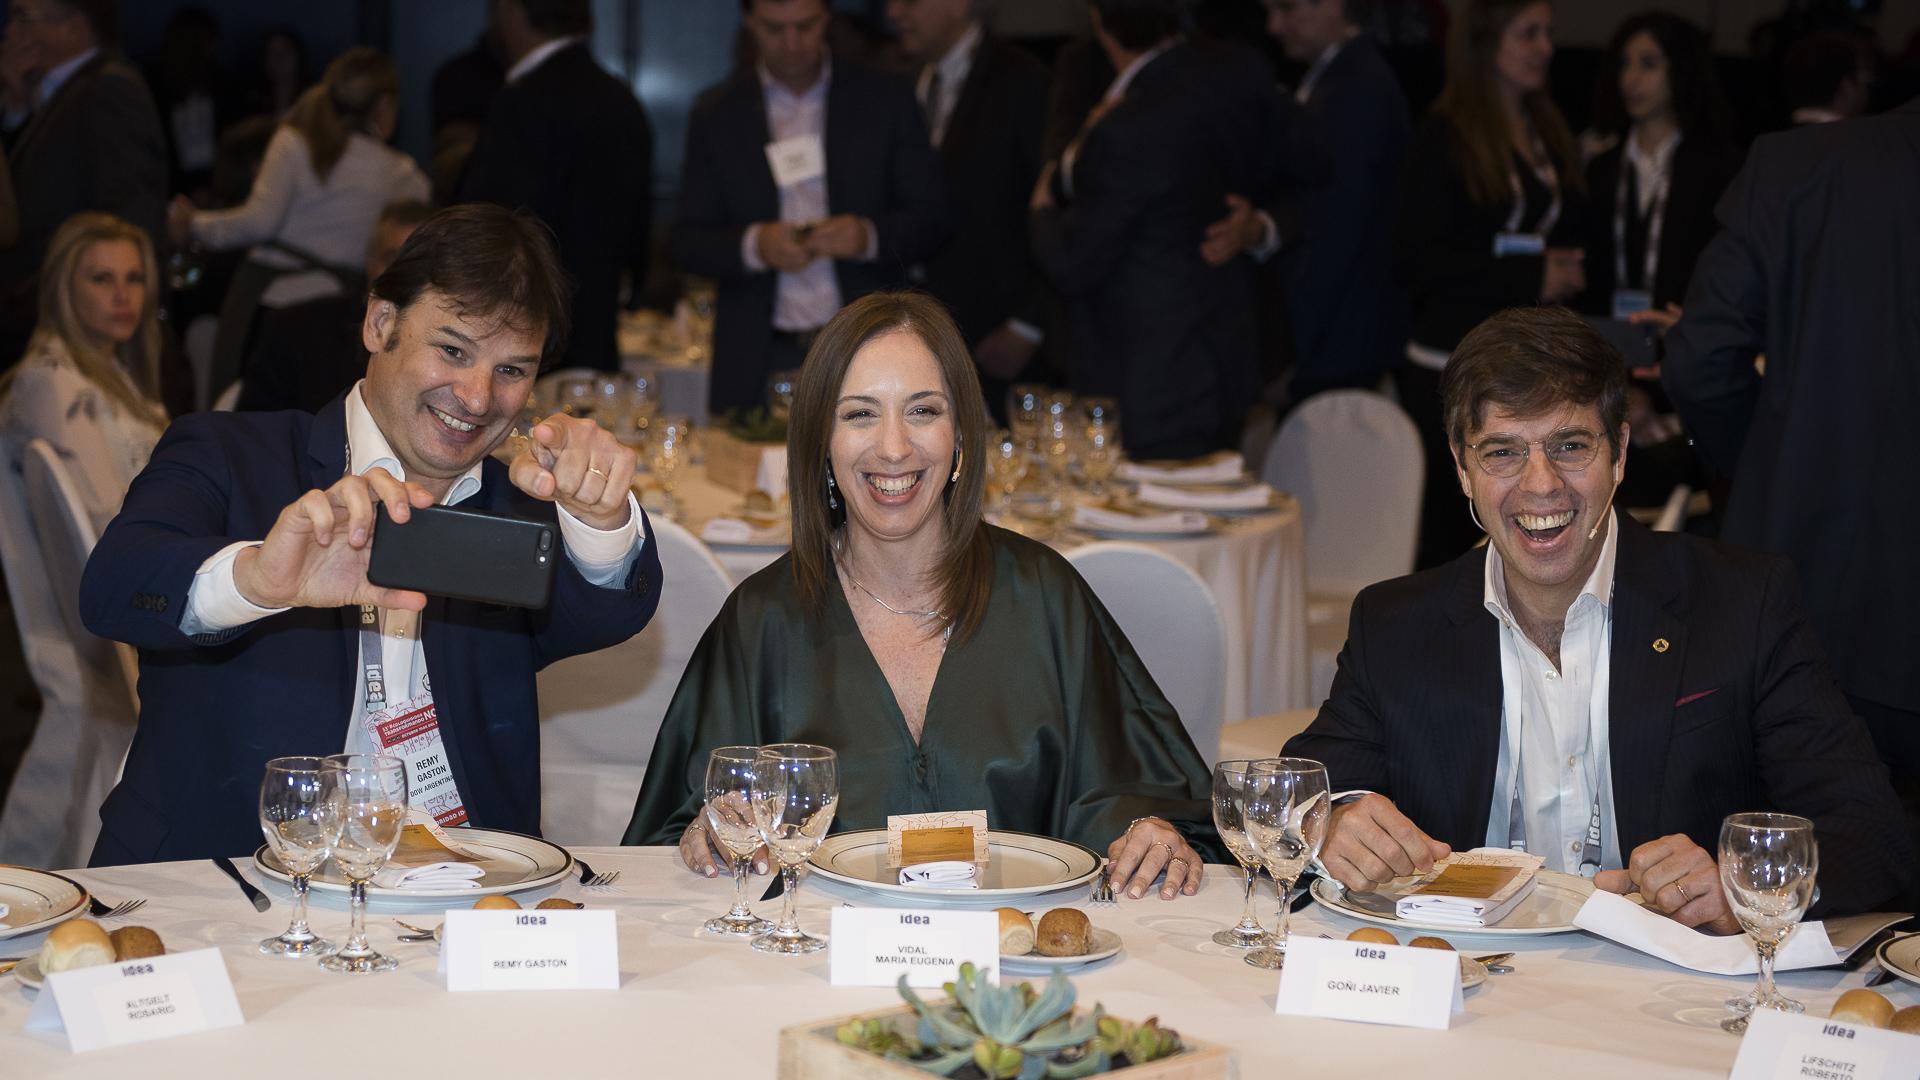 El presidente del 53 Coloquio de Idea Gastón Remy, la Gobernadora de la Pcia. de Bs. As. María Eugenia Vidal y el presidente de Idea Javier Goñi en la inauguración del 53 Coloquio de Idea